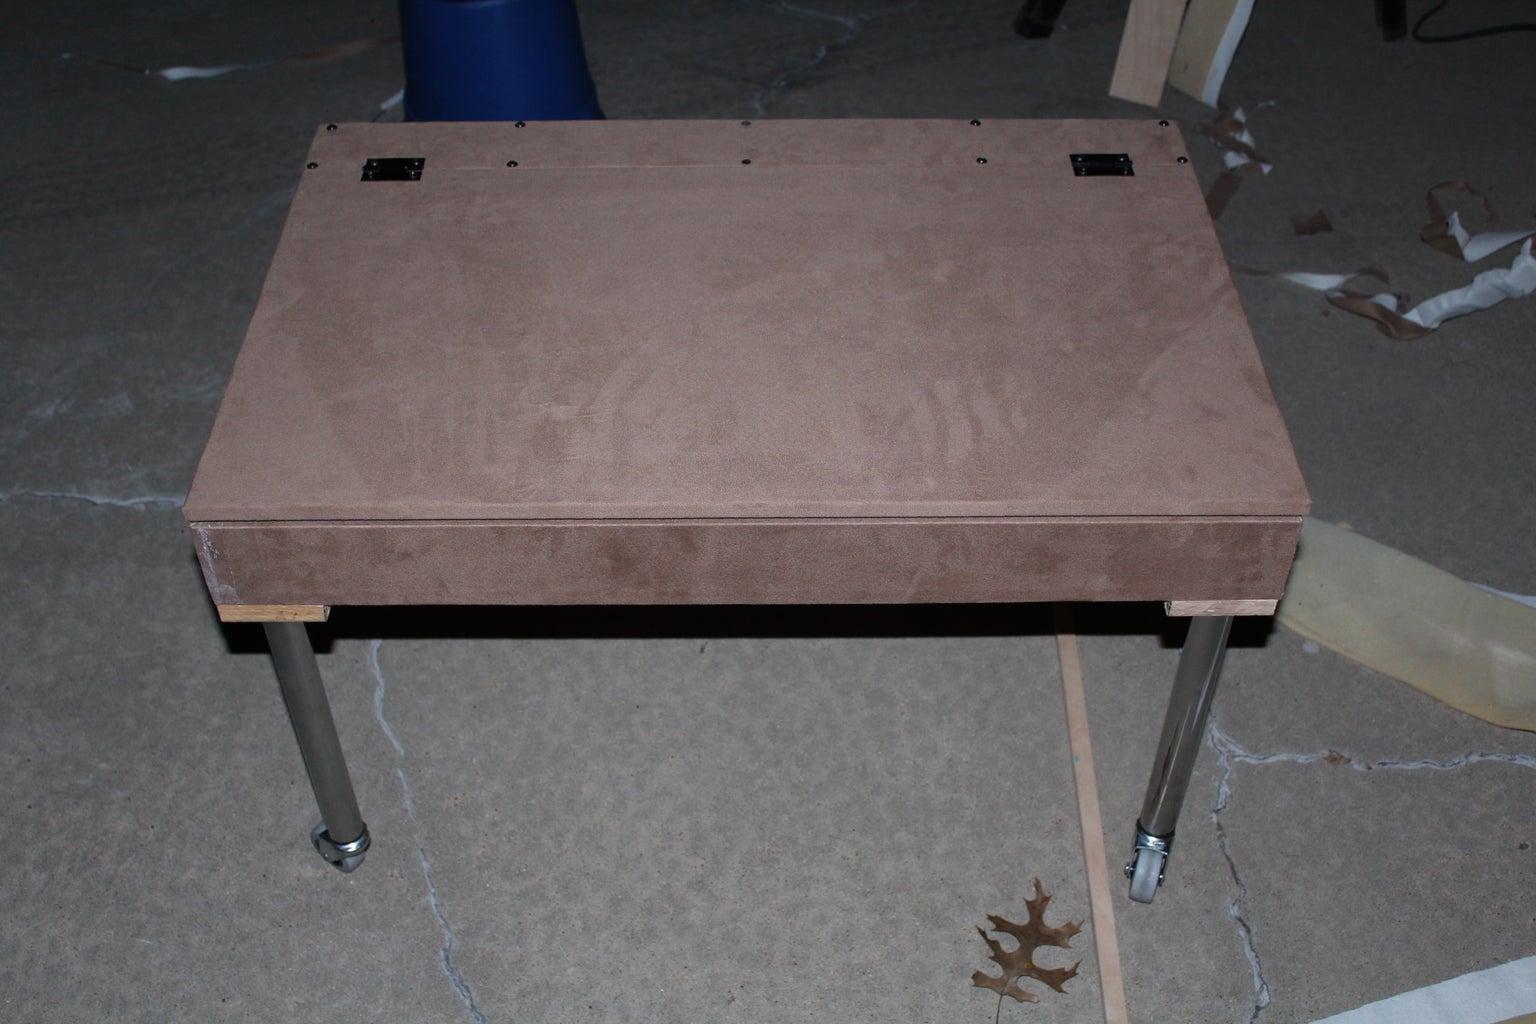 Assembling the Desk